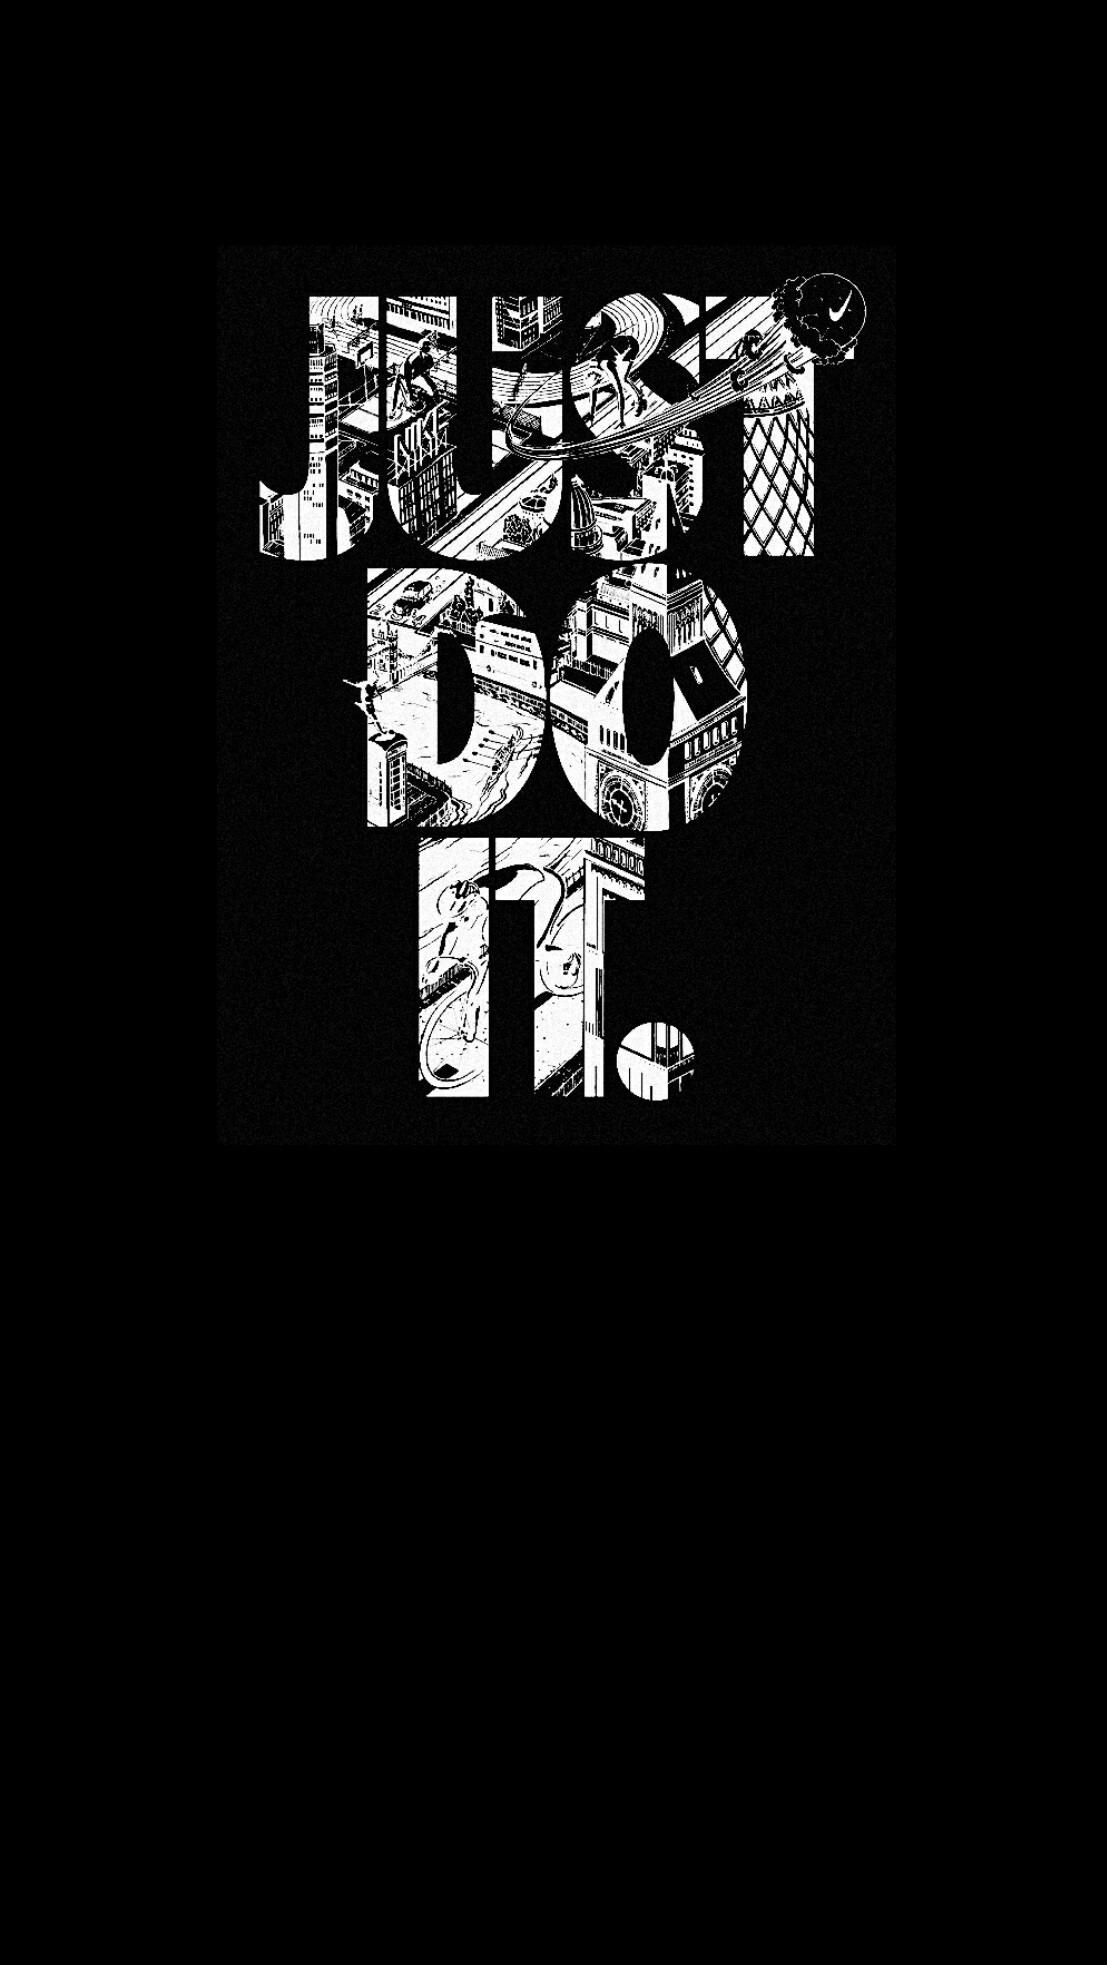 2560x1440 Logo Nike Wallpaper Hd 1440x2560px